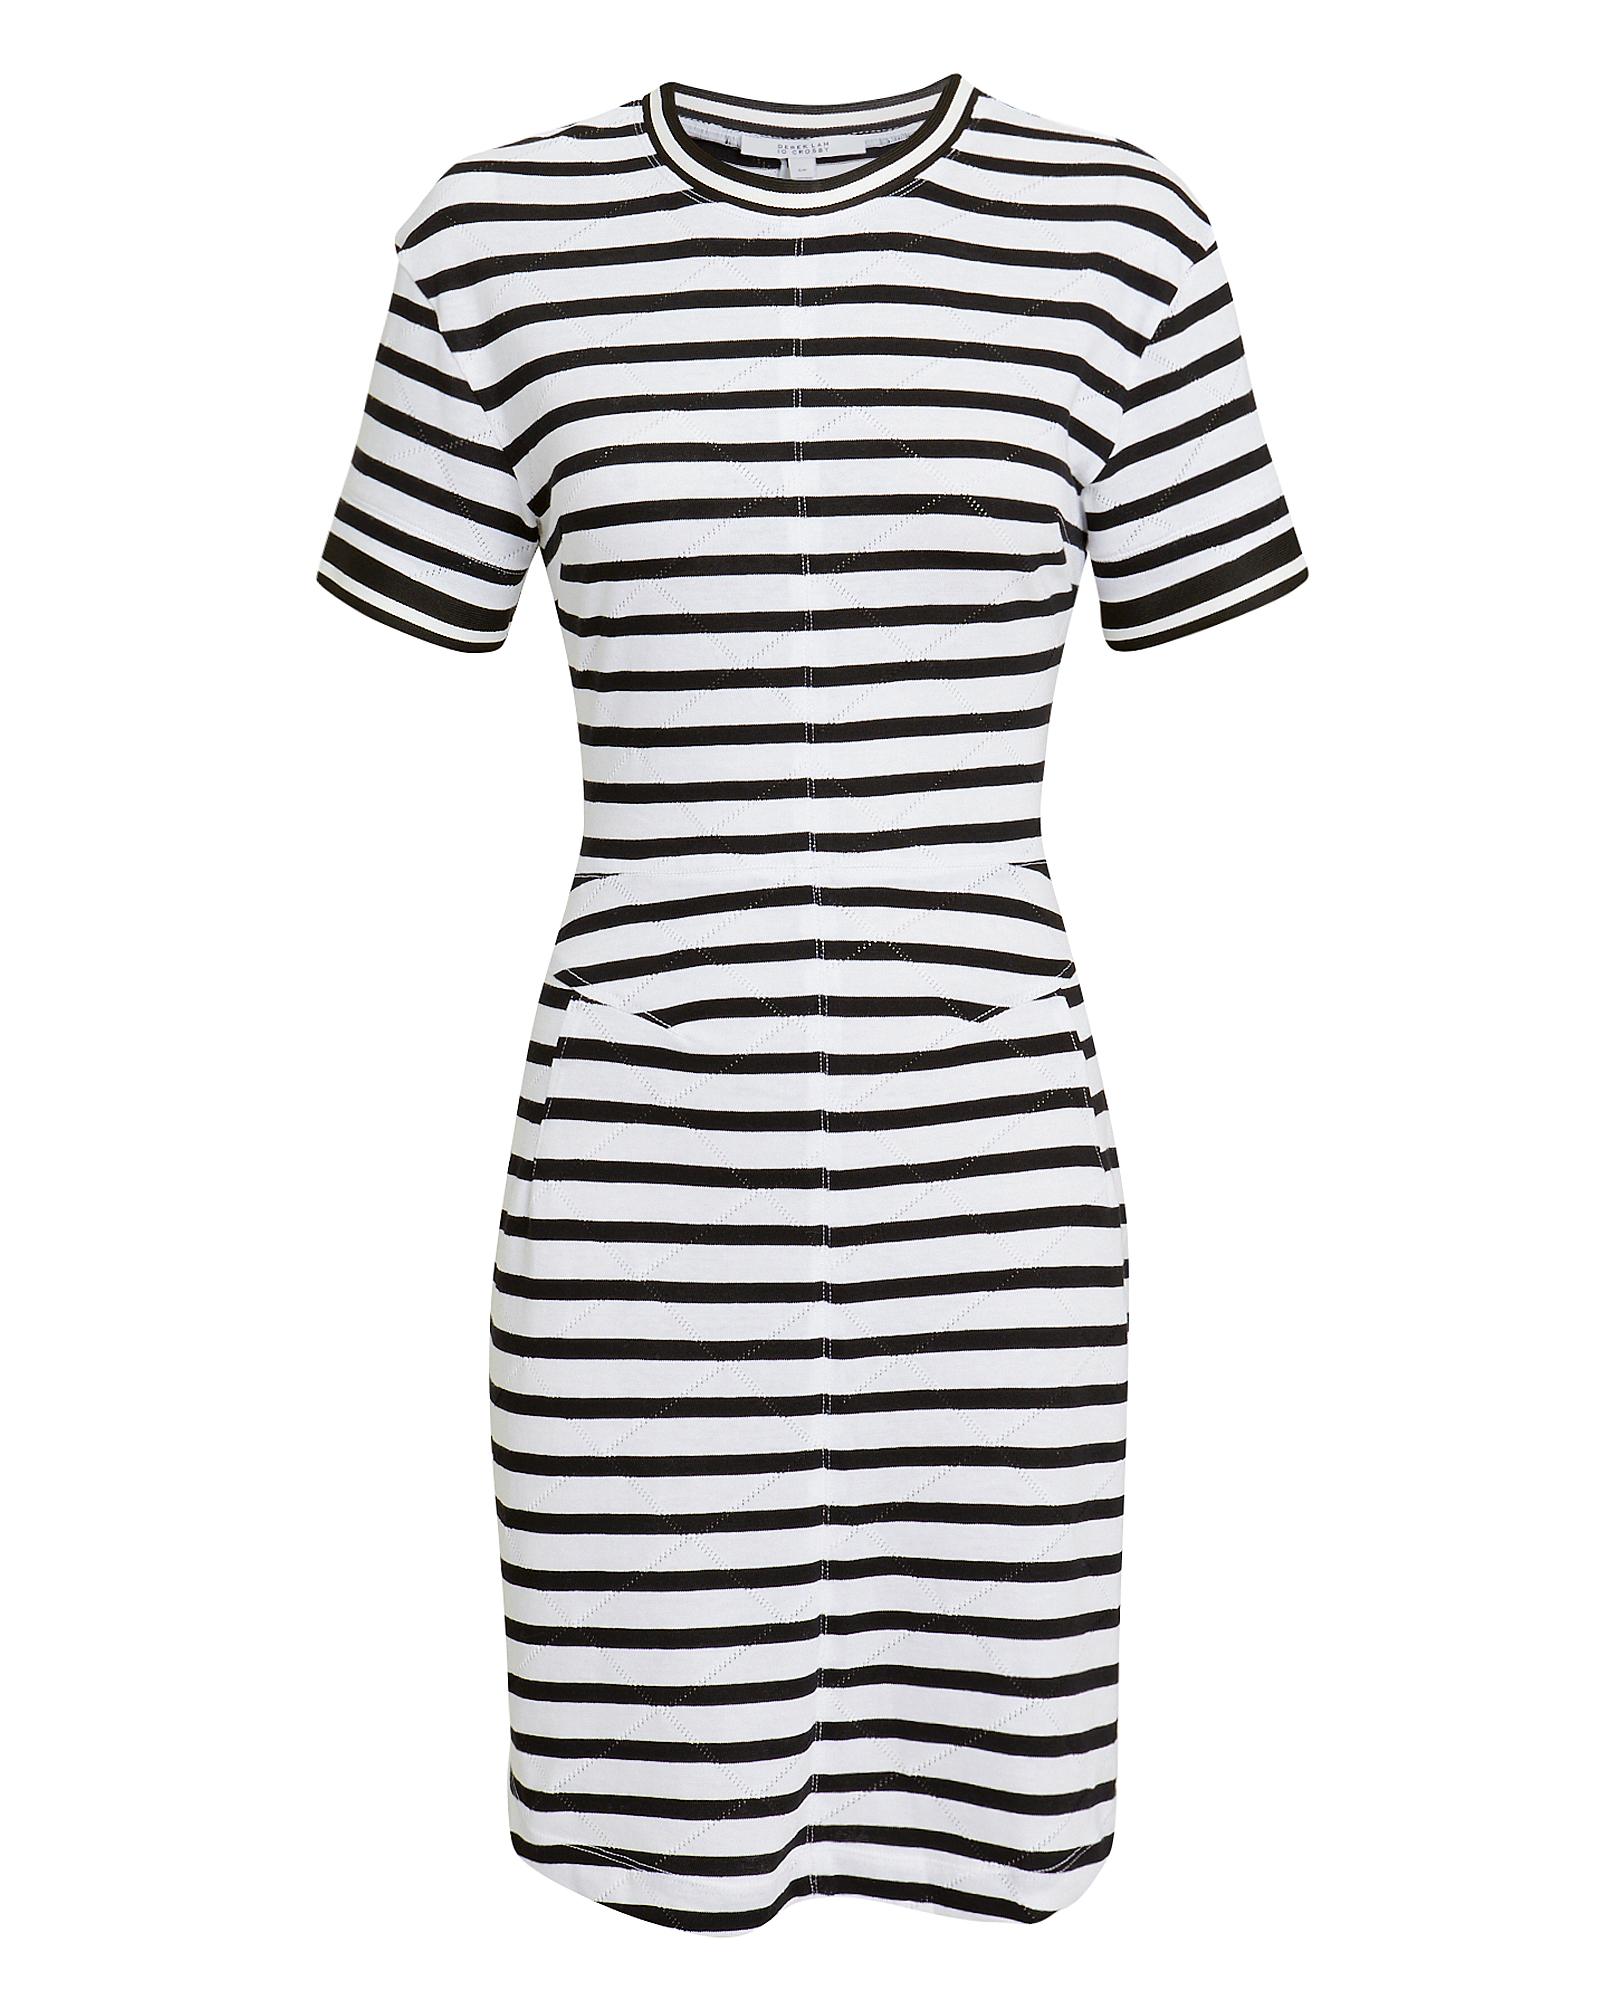 10 CROSBY Striped T-Shirt Dress